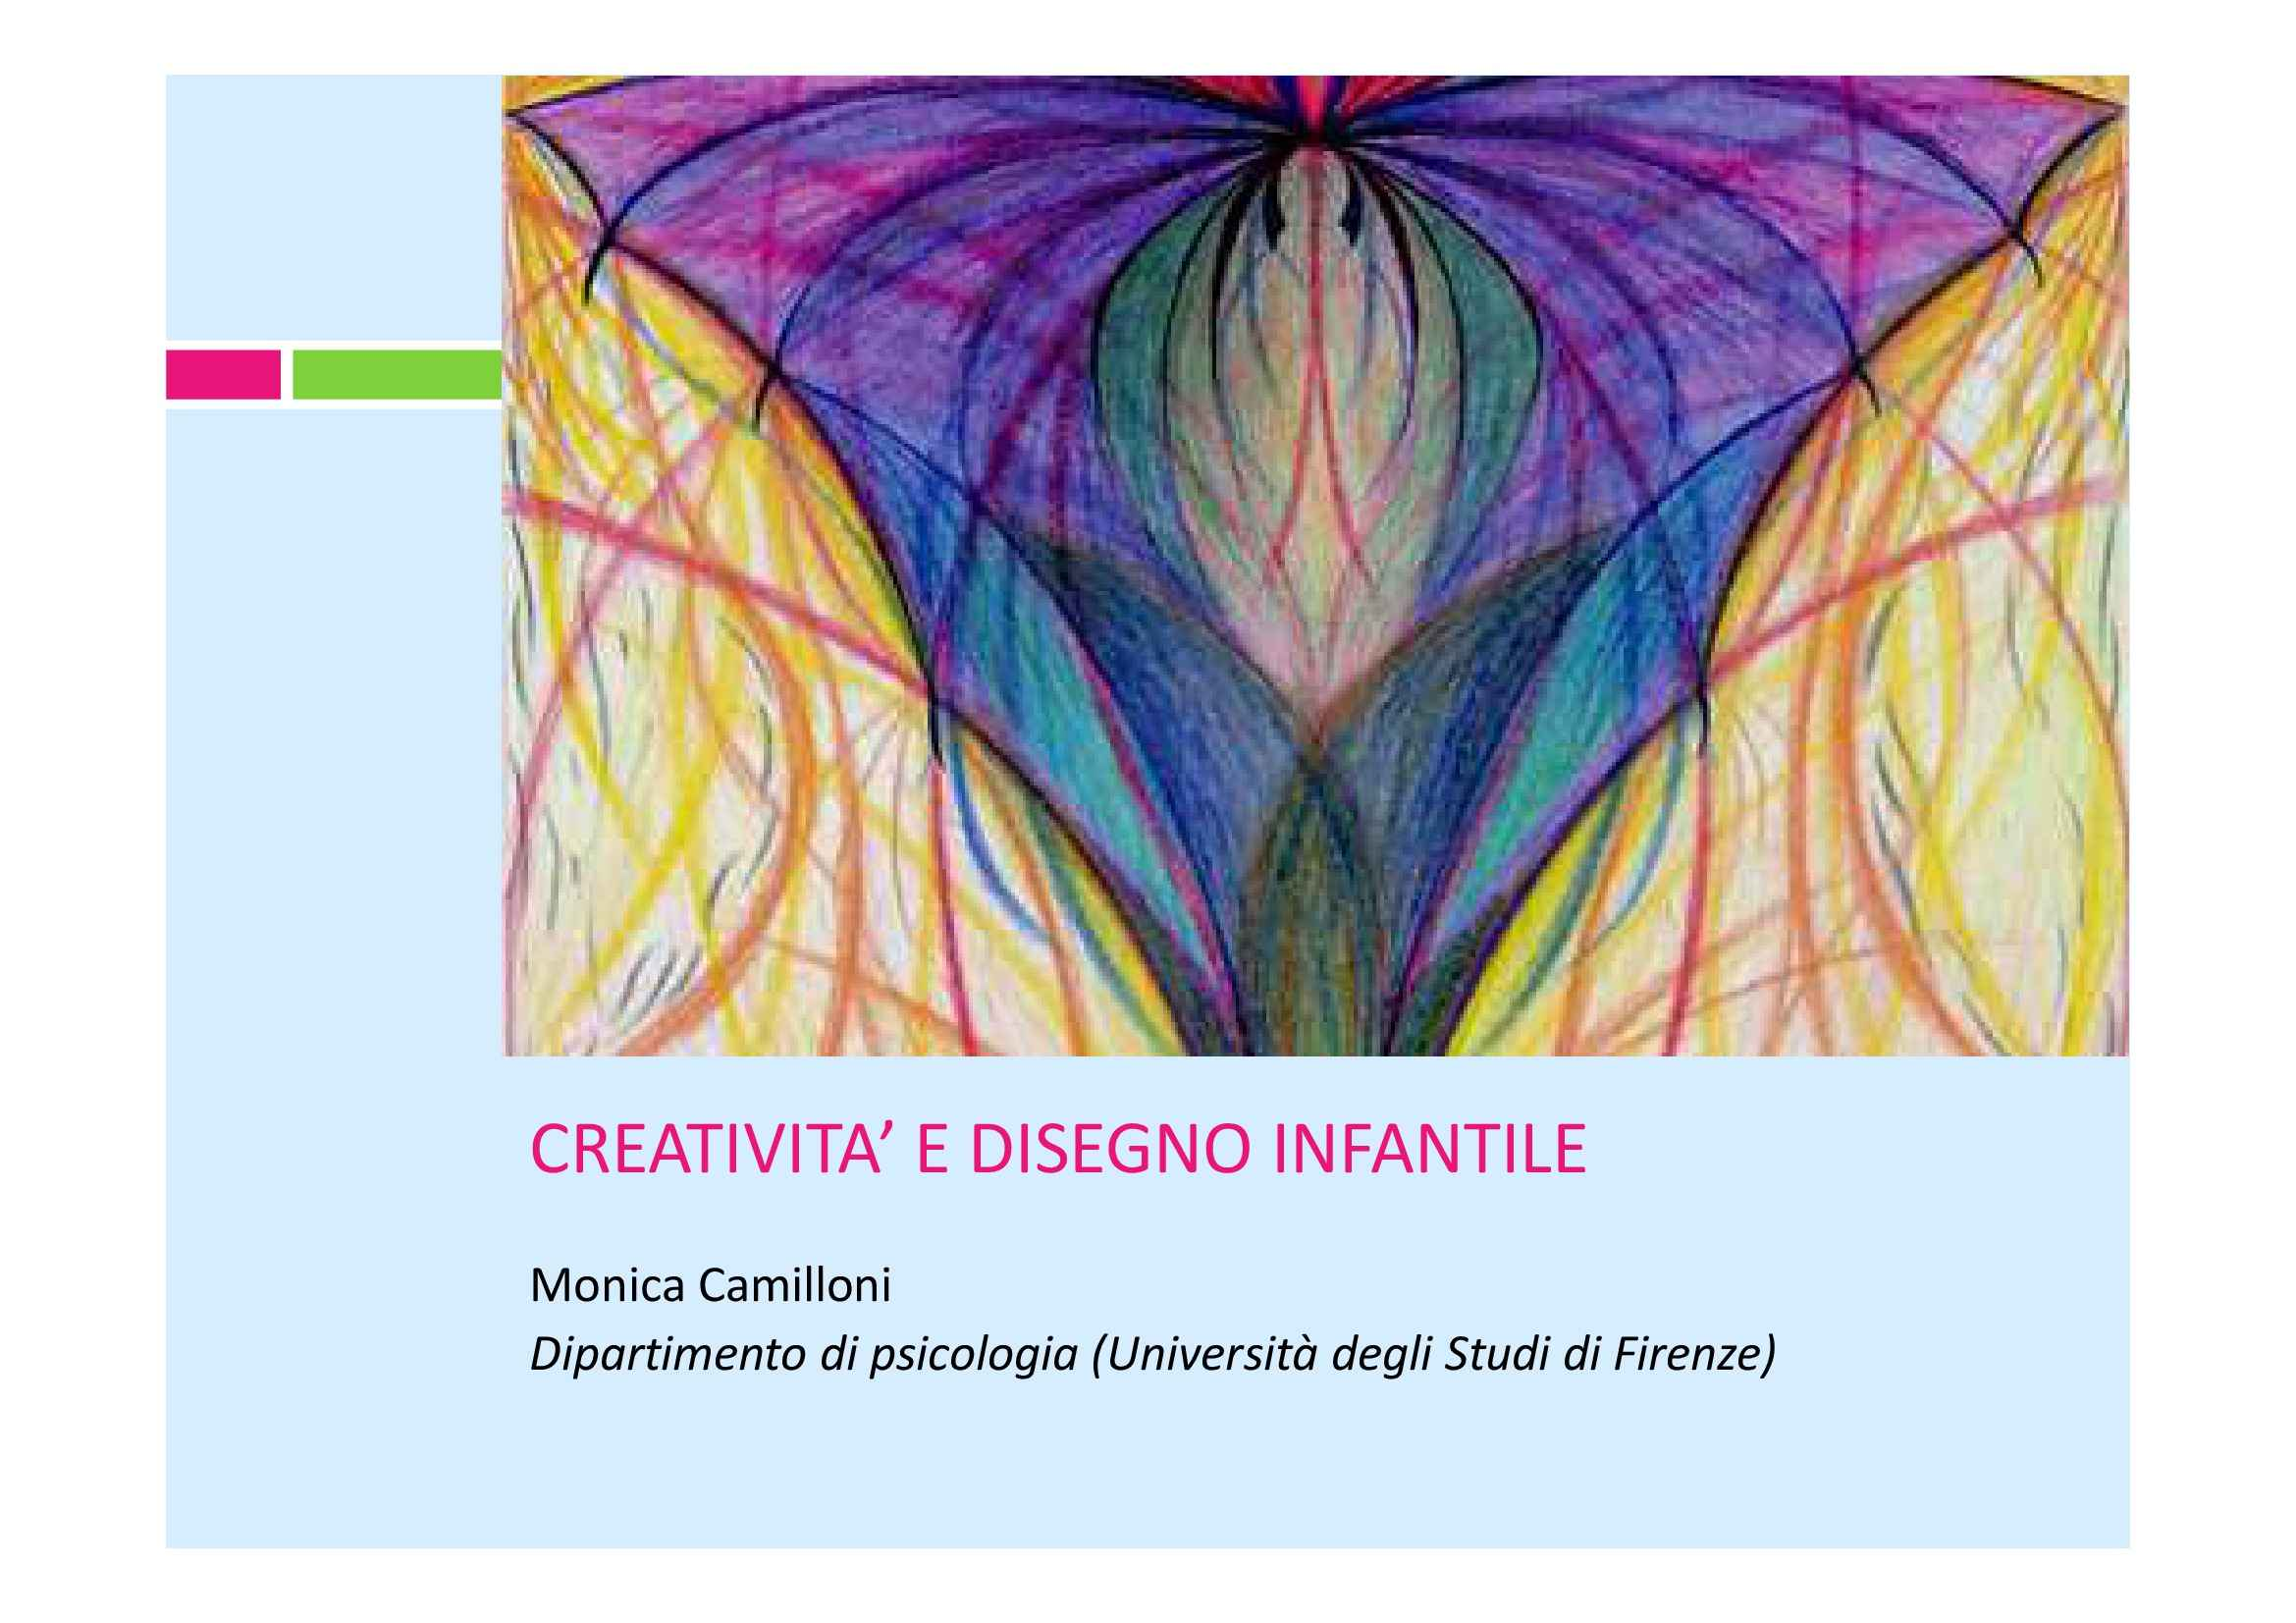 Creatività e disegno infantile